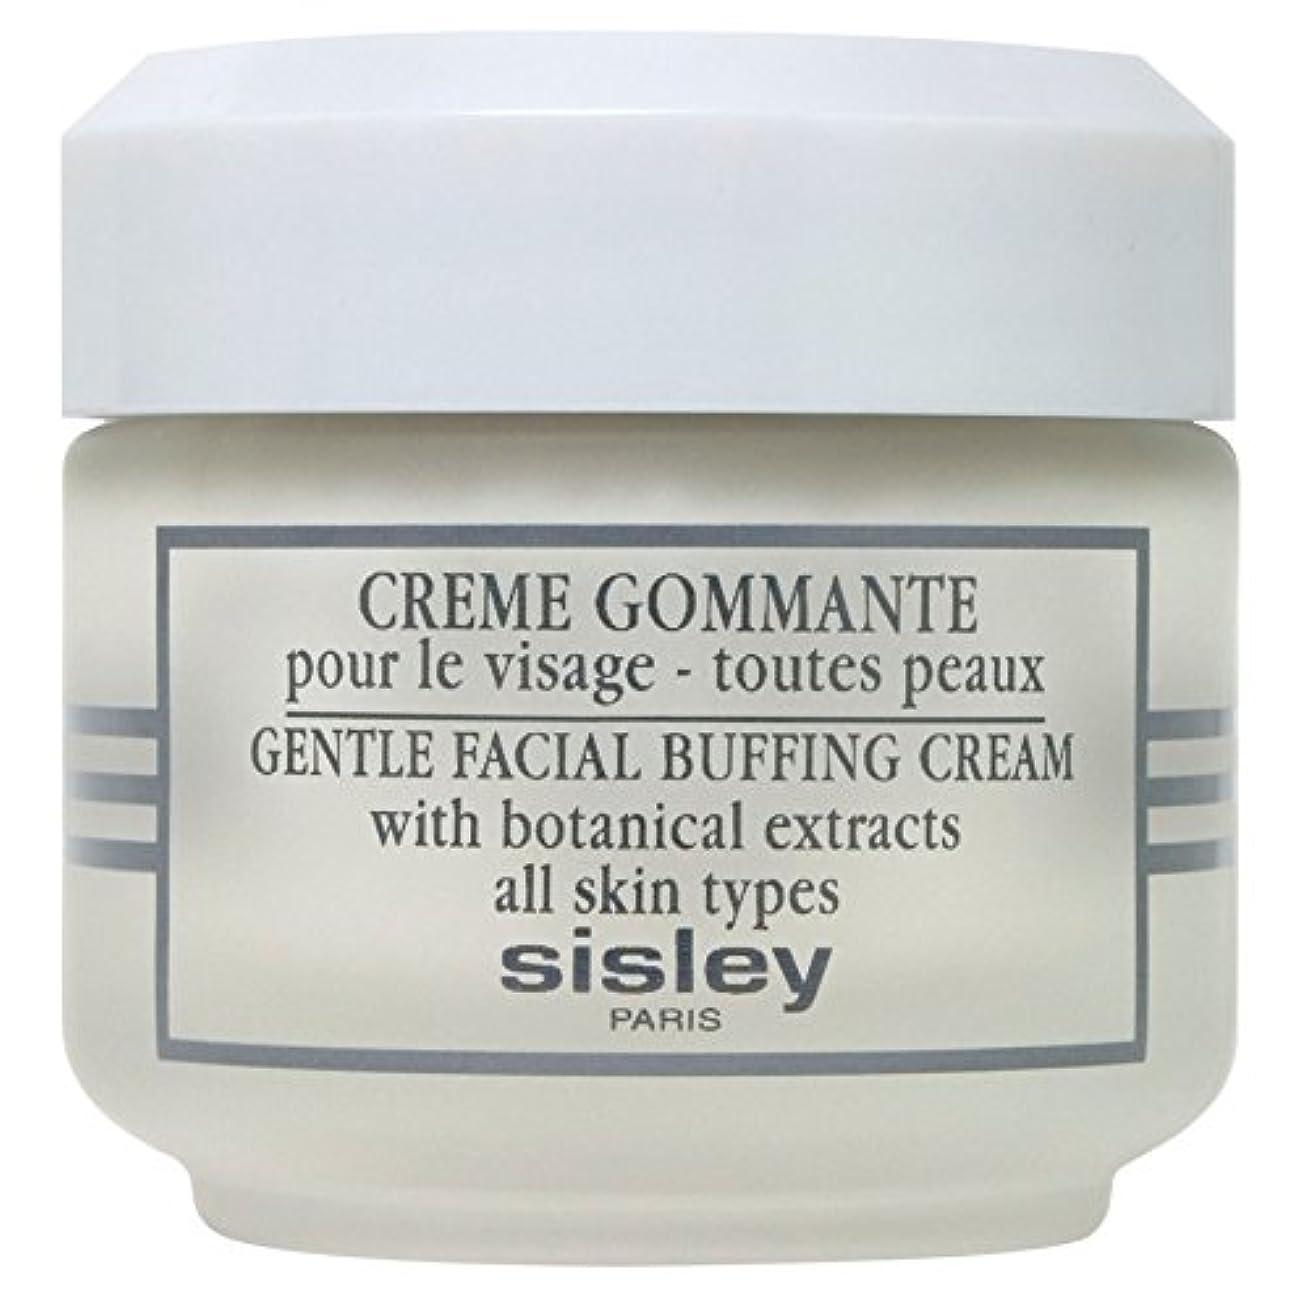 反論アラブ人家事[Sisley] シスレー優しい顔のバフクリーム50Ml - Sisley Gentle Facial Buffing Cream 50ml [並行輸入品]